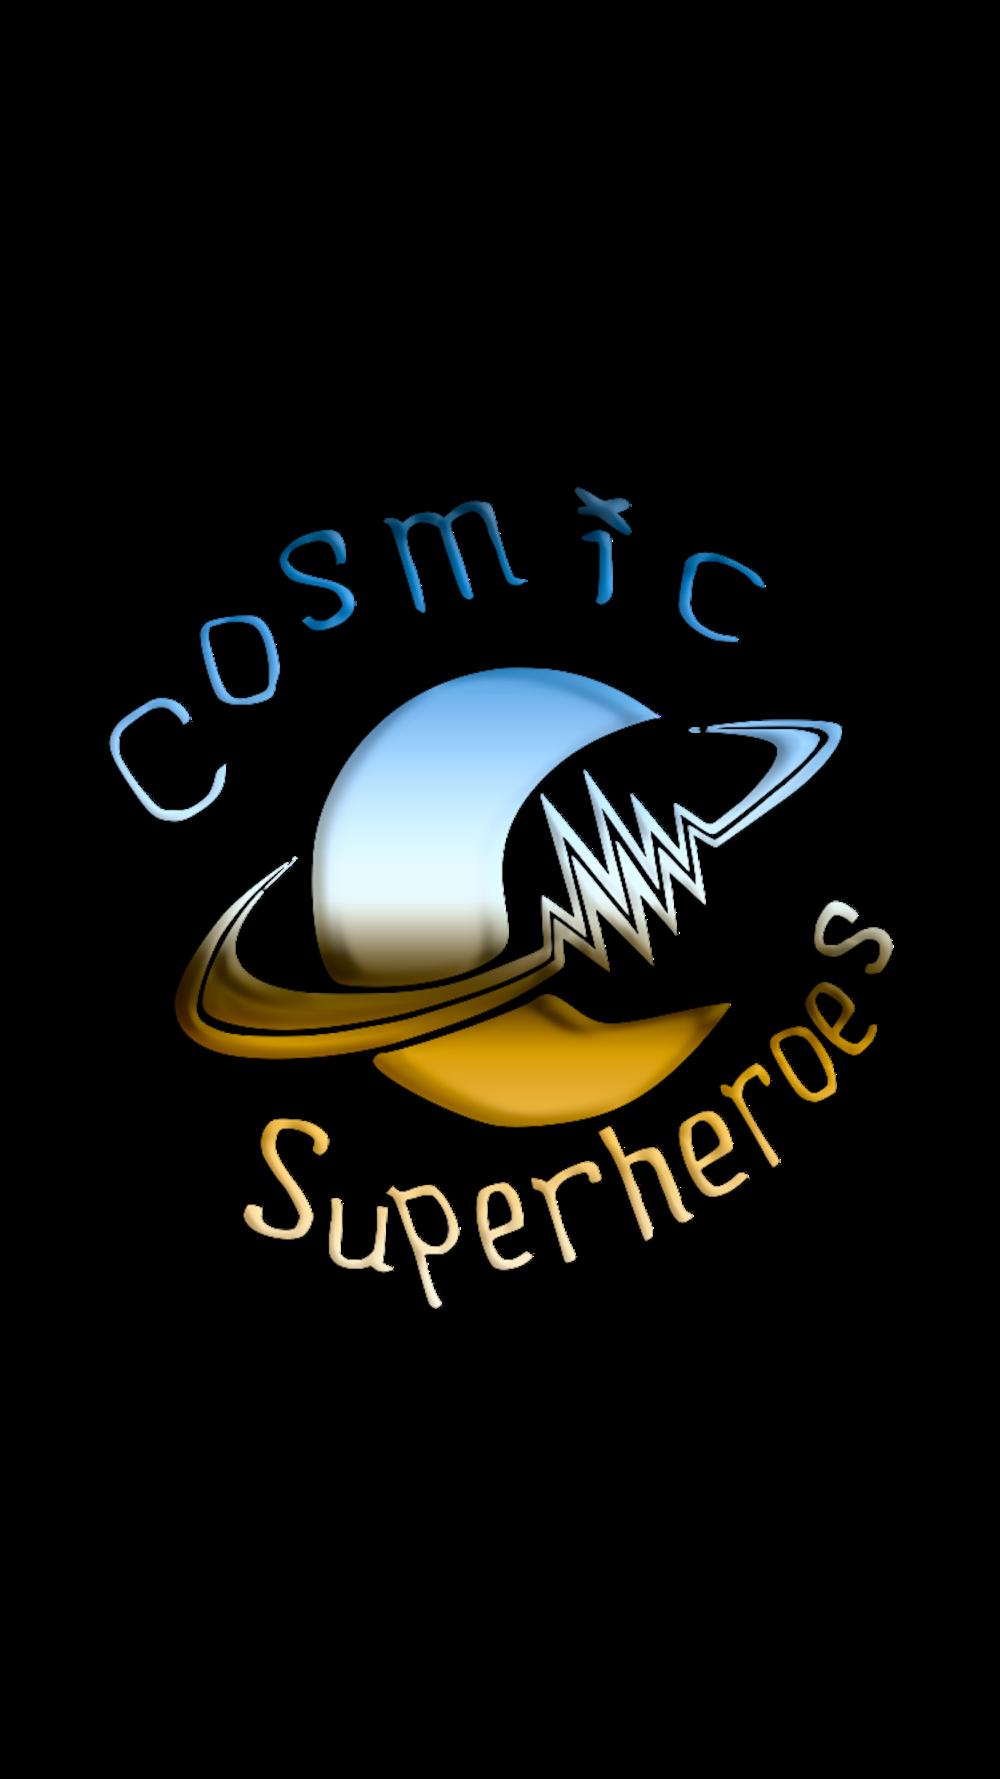 Cosmic Superheroes - Logo 2.png